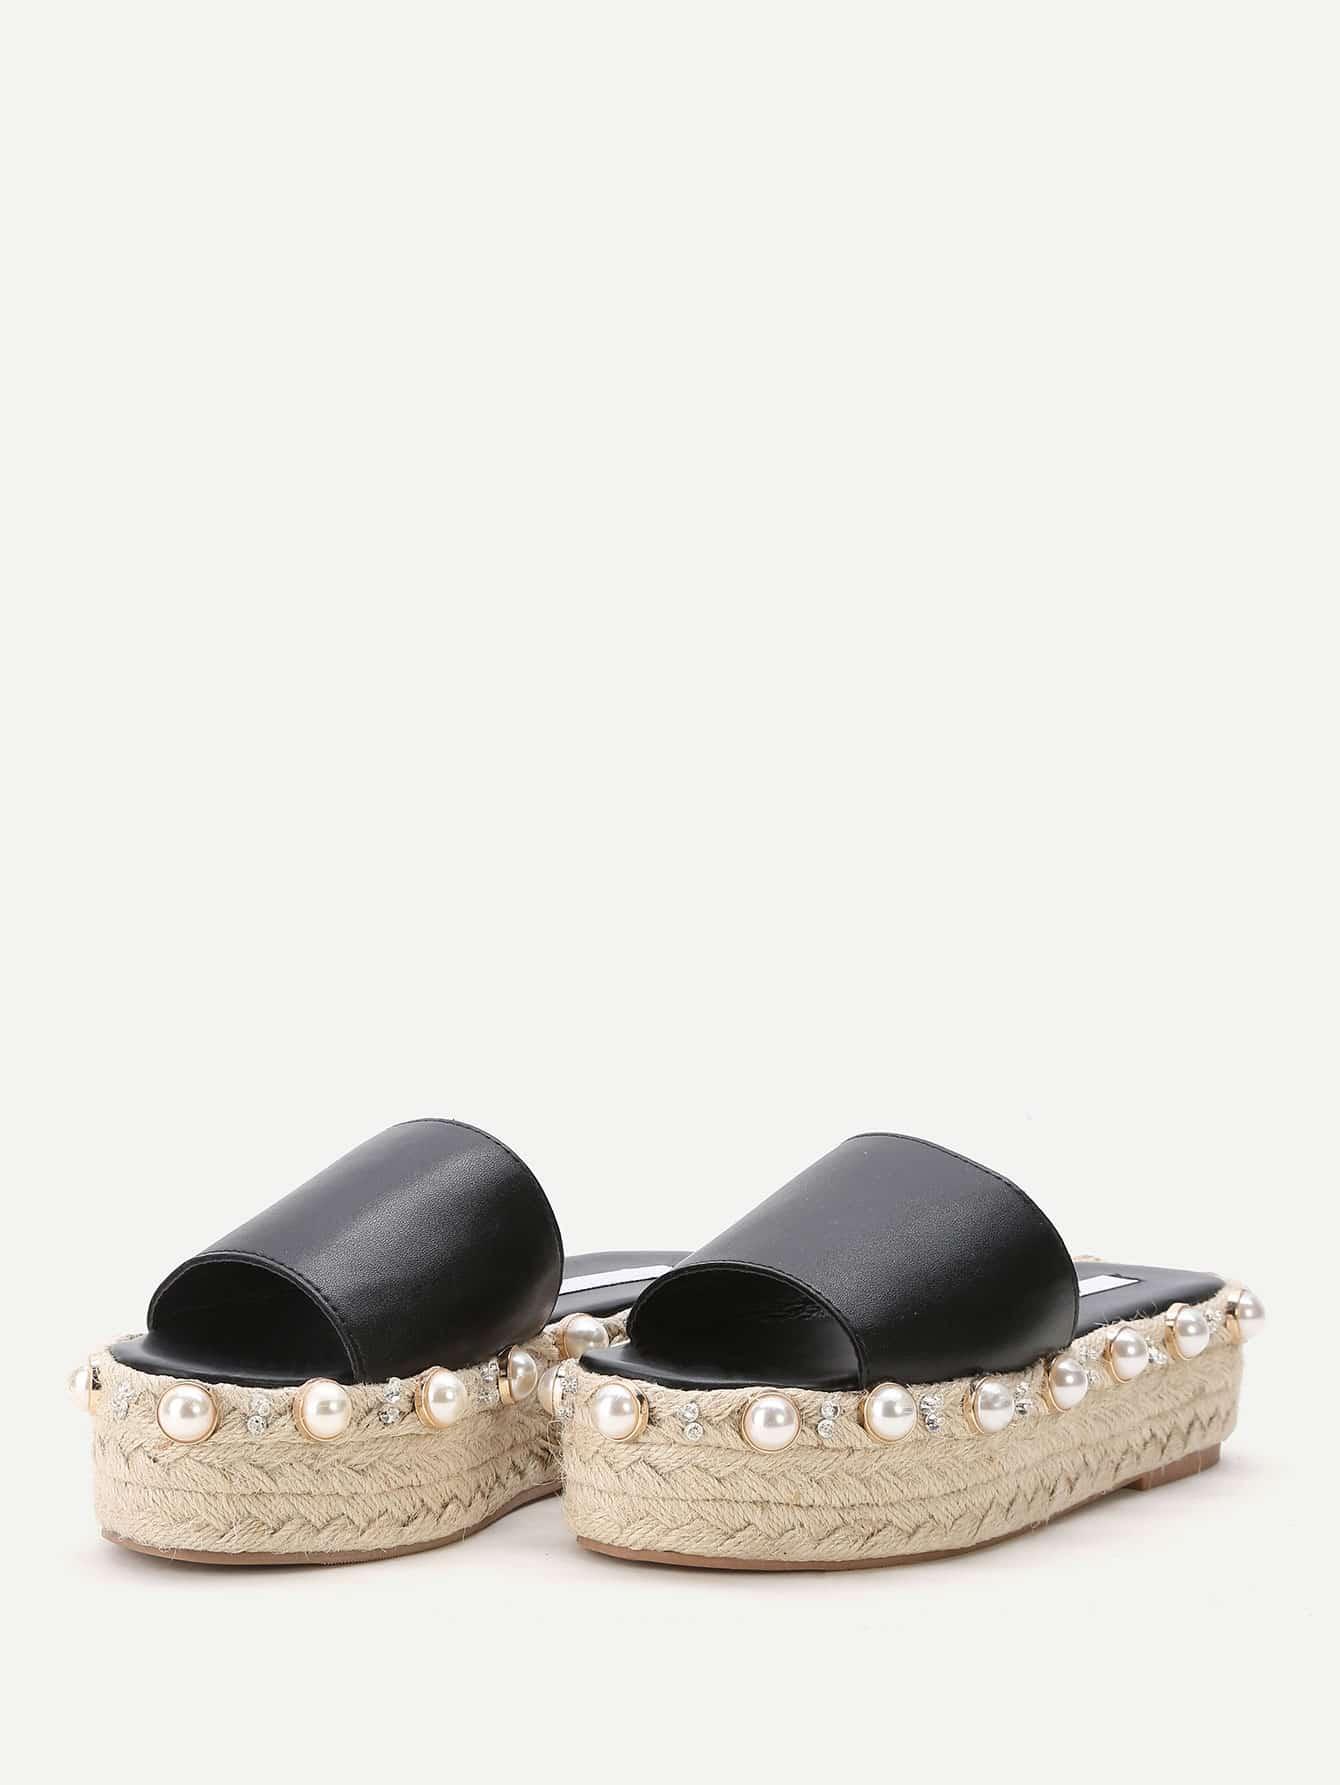 shoes170314806_2